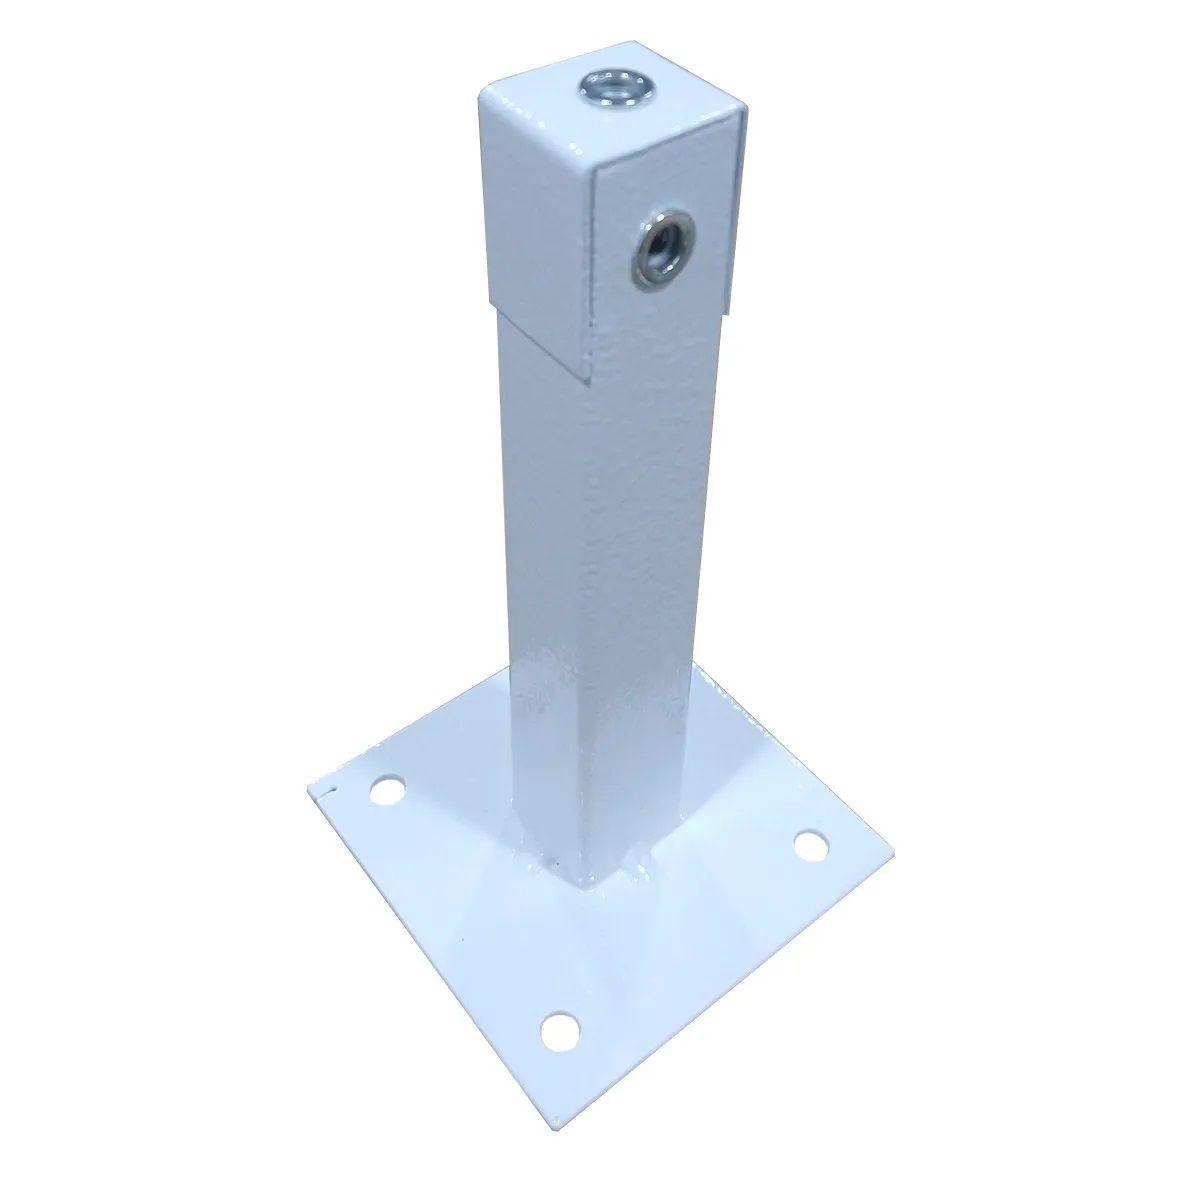 Suporte Universal para Projetores Fixação Parede / Teto FVTP66-49/40